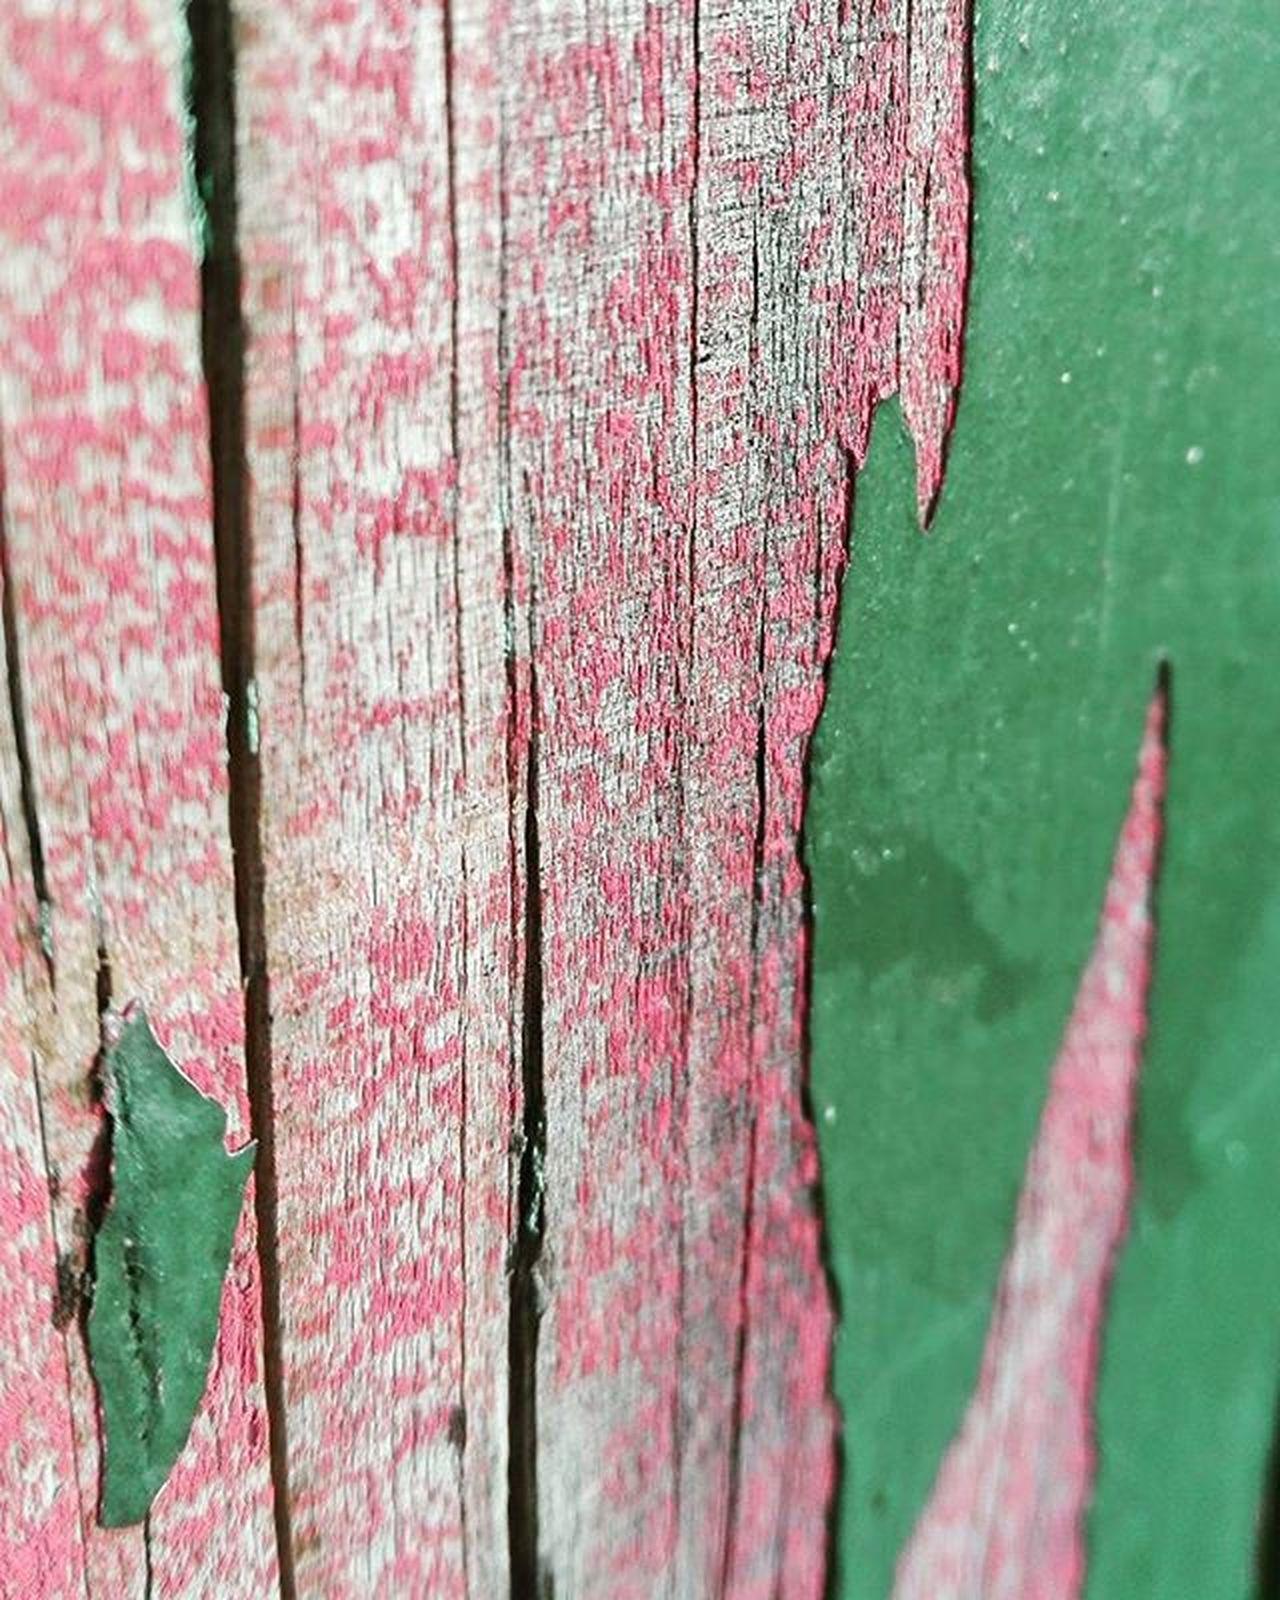 Paintpeel Paintpeeling Green Wood Texture Macro Home Ptkminimal Wooden_hue Wooden_hue_yg Wooden_hue_ro